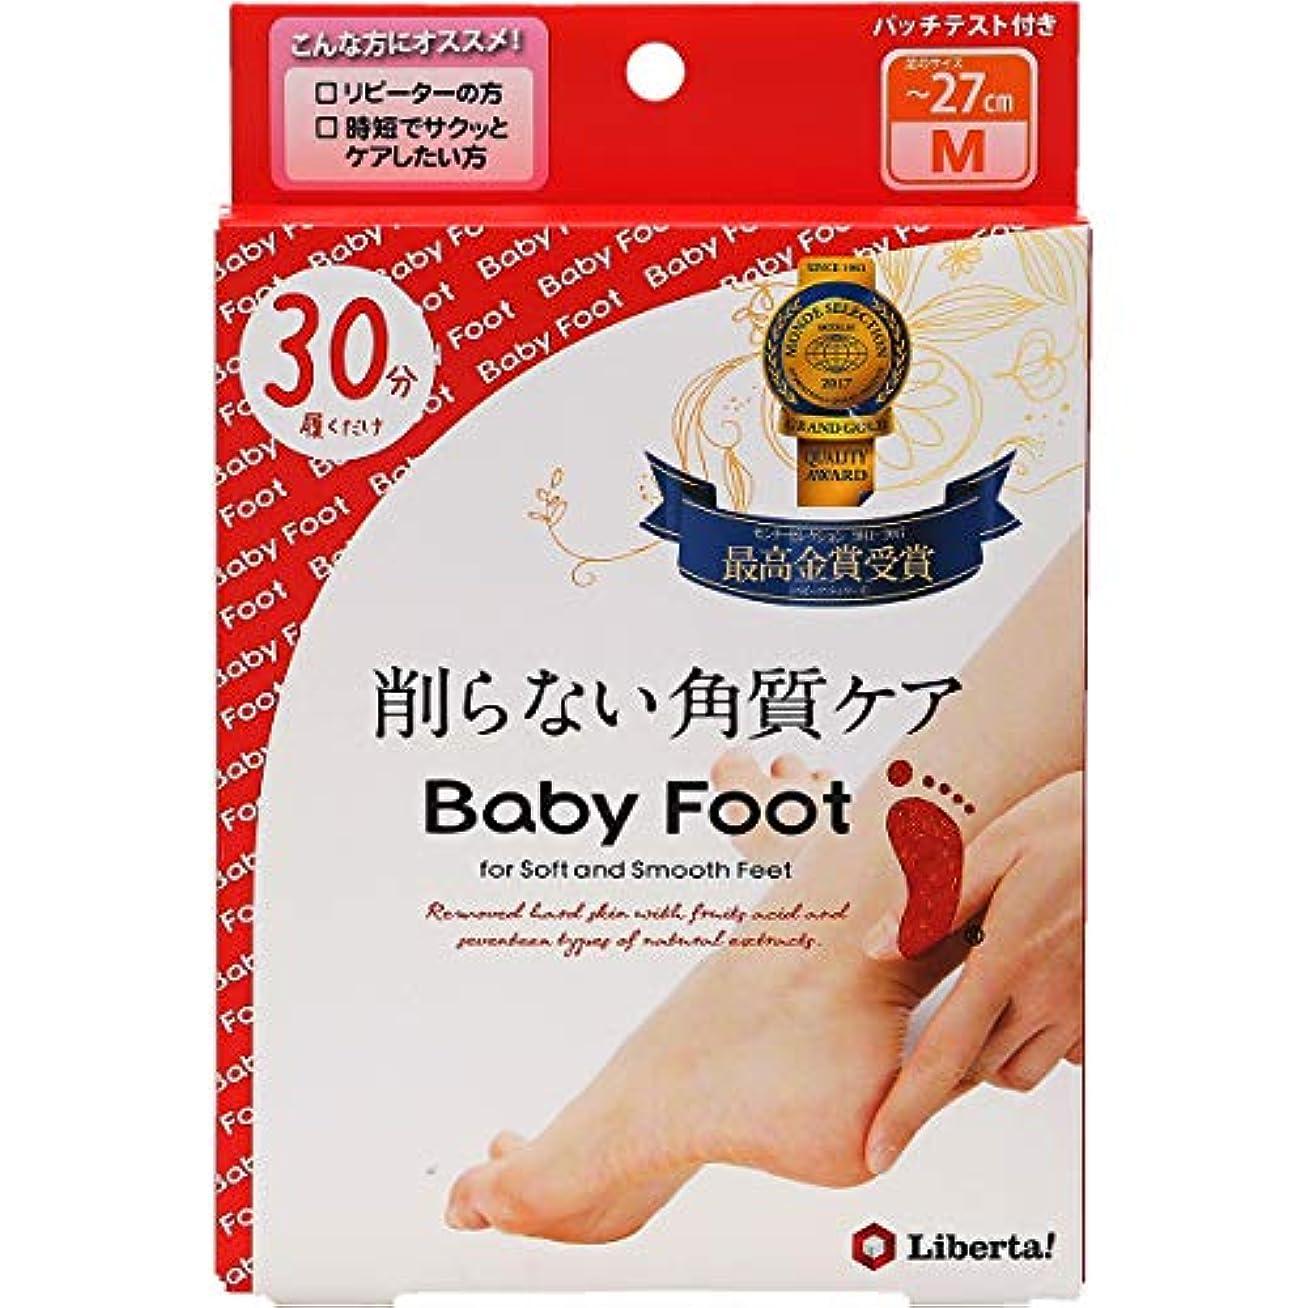 寝室を掃除するフォーマットのためベビーフット (Baby Foot) ベビーフット イージーパック30分タイプ Mサイズ 単品